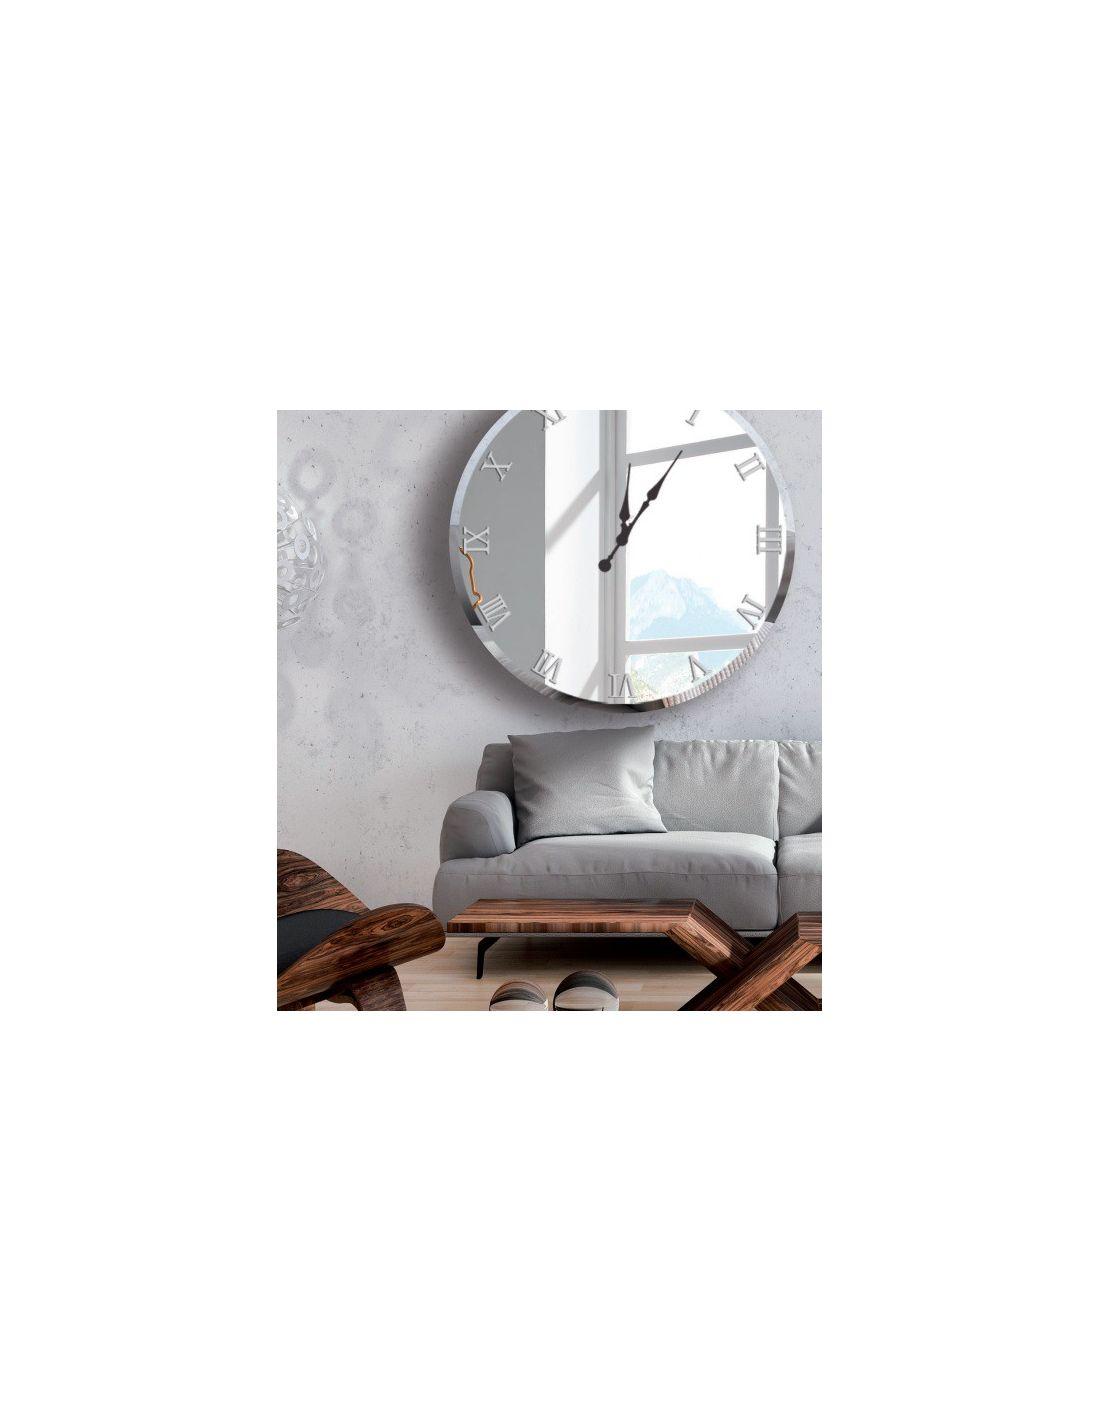 Reloj de pared dise o redondo gran formato distribuidores - Reloj decorativo de pared ...